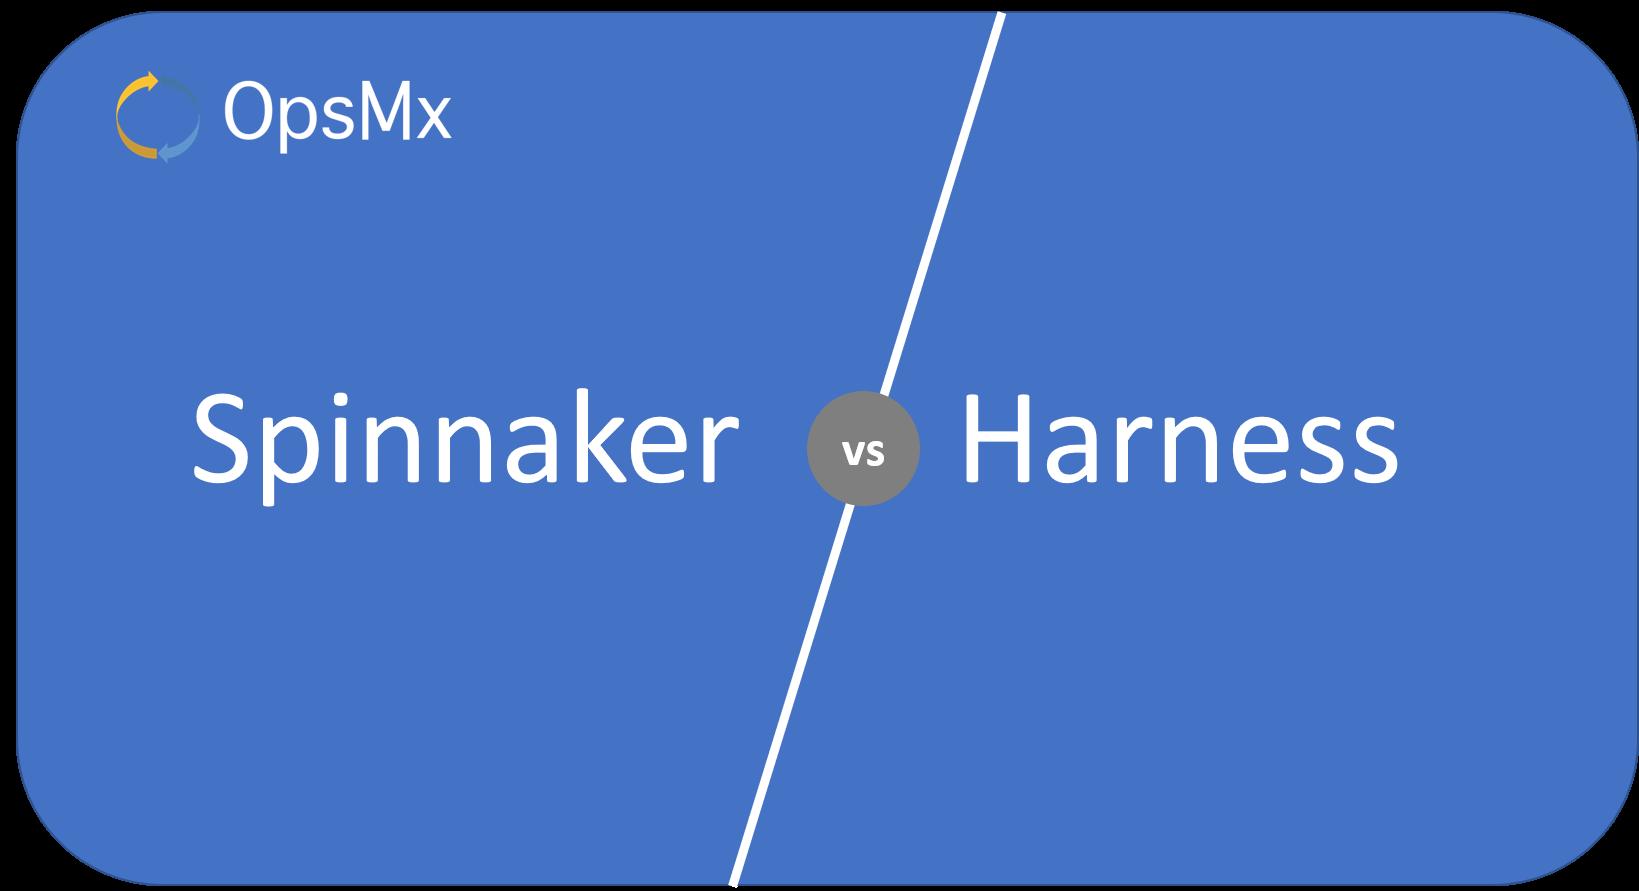 Spinnaker vs Harness